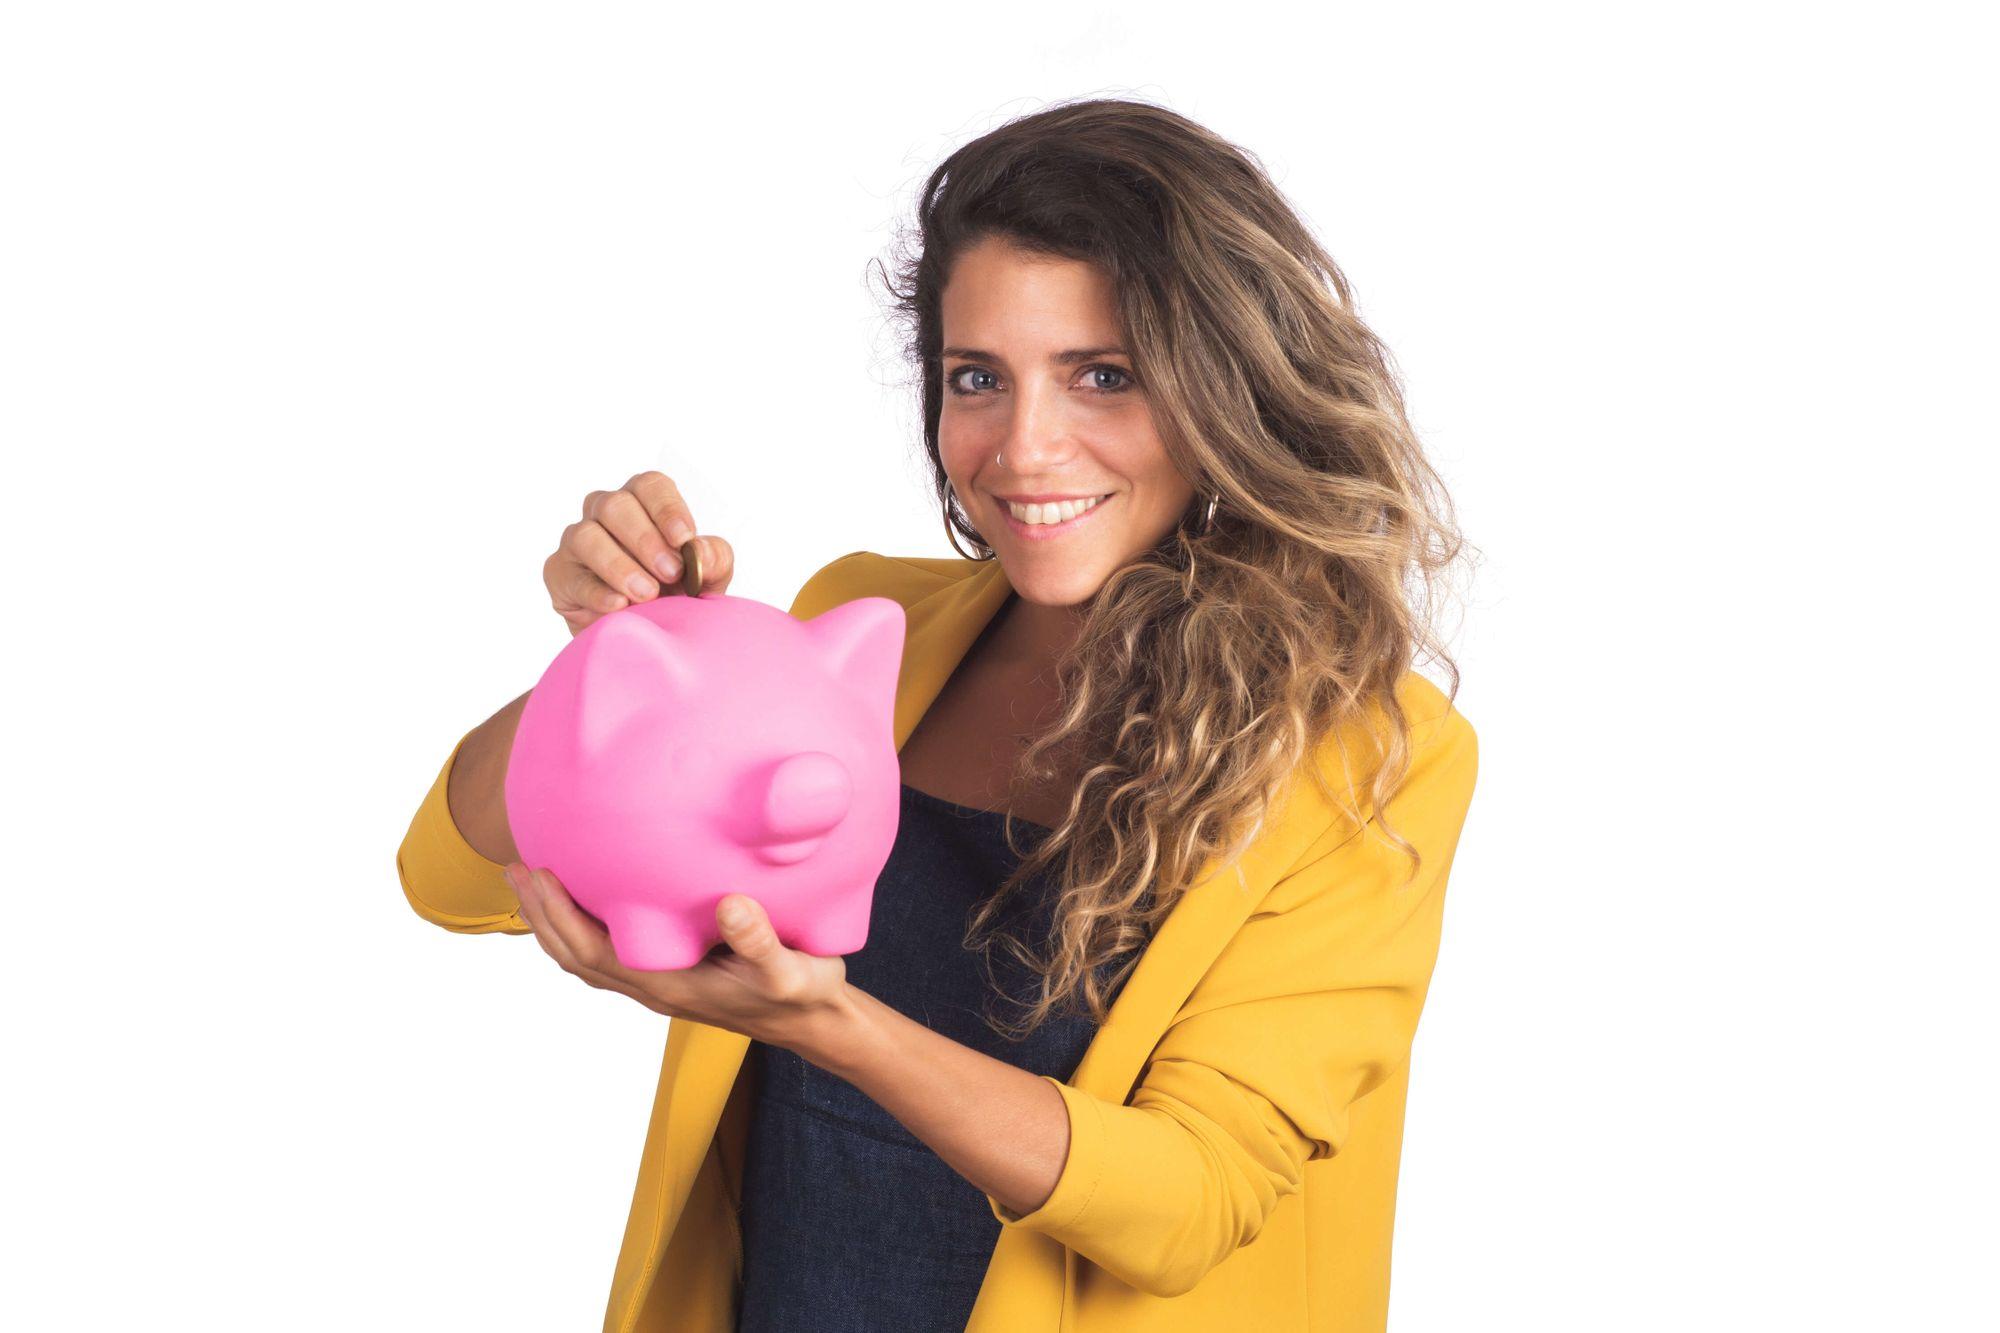 Mulher jovem colocando uma moeda em um cofrinho em formato de porco.